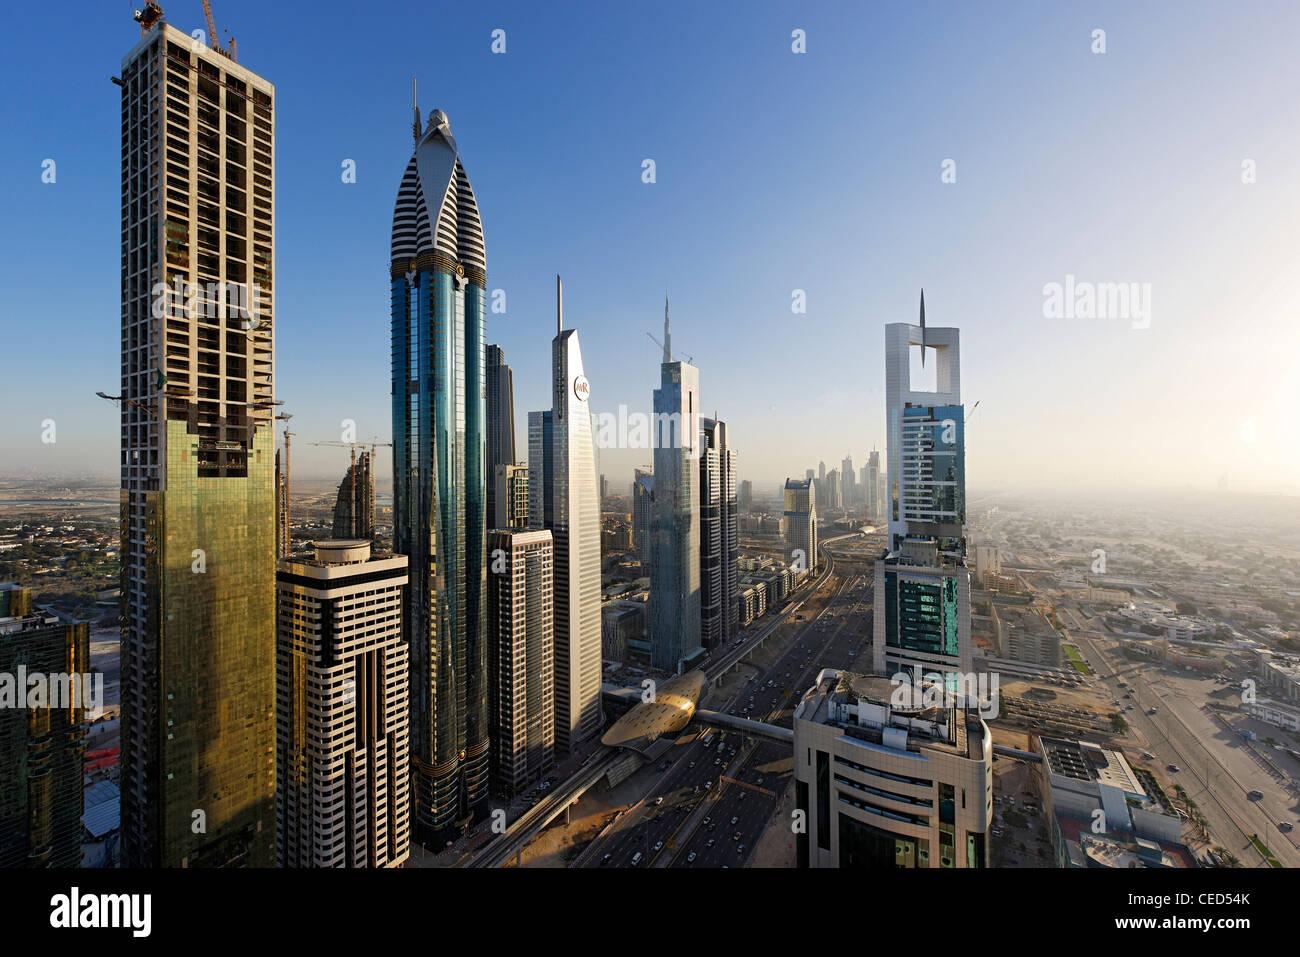 Vista del centro cittadino di Dubai, a sinistra Rose Rayhaan by Rotana, torri, grattacieli, alberghi, architettura Immagini Stock